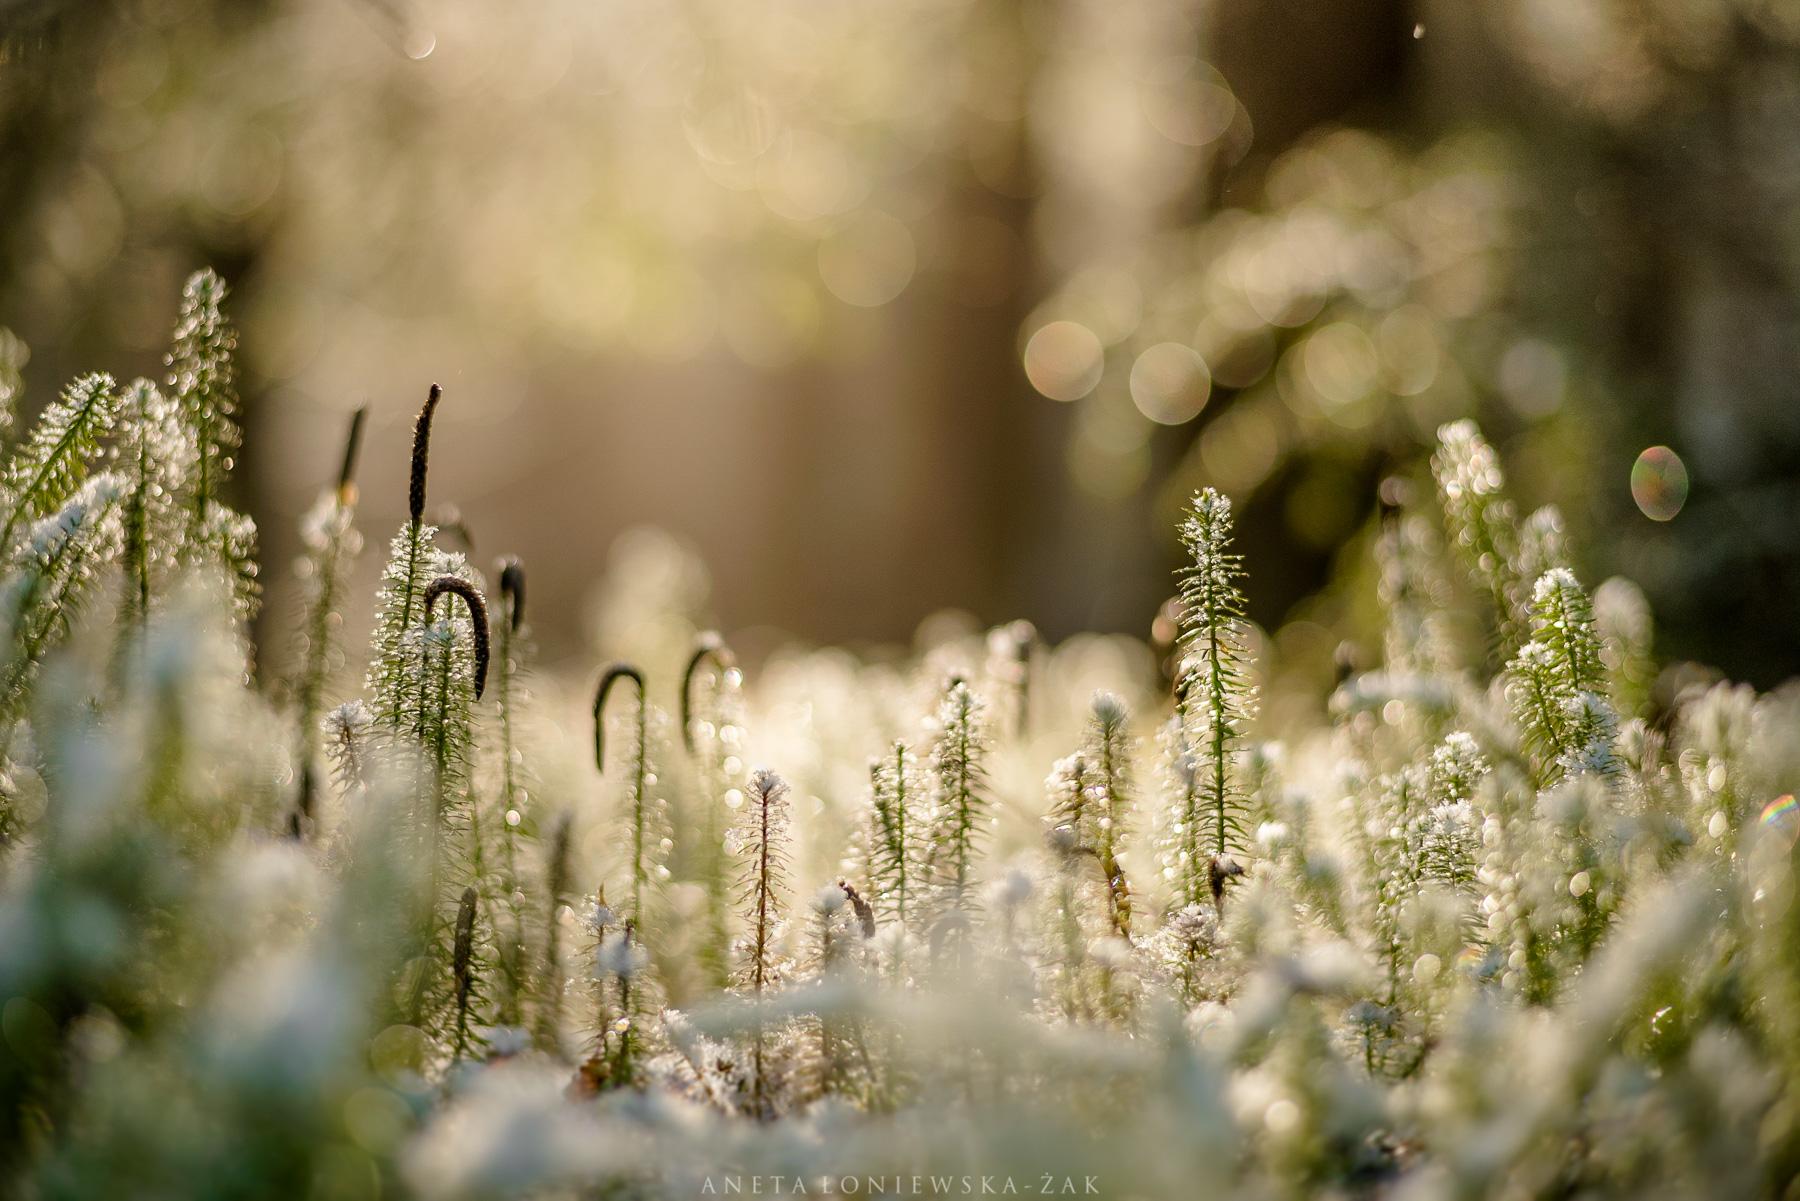 puszcza knyszyńska, Lycopodium annotinum, dzikie podlasie, aneta łoniewska-żak, widłak jałowcowaty